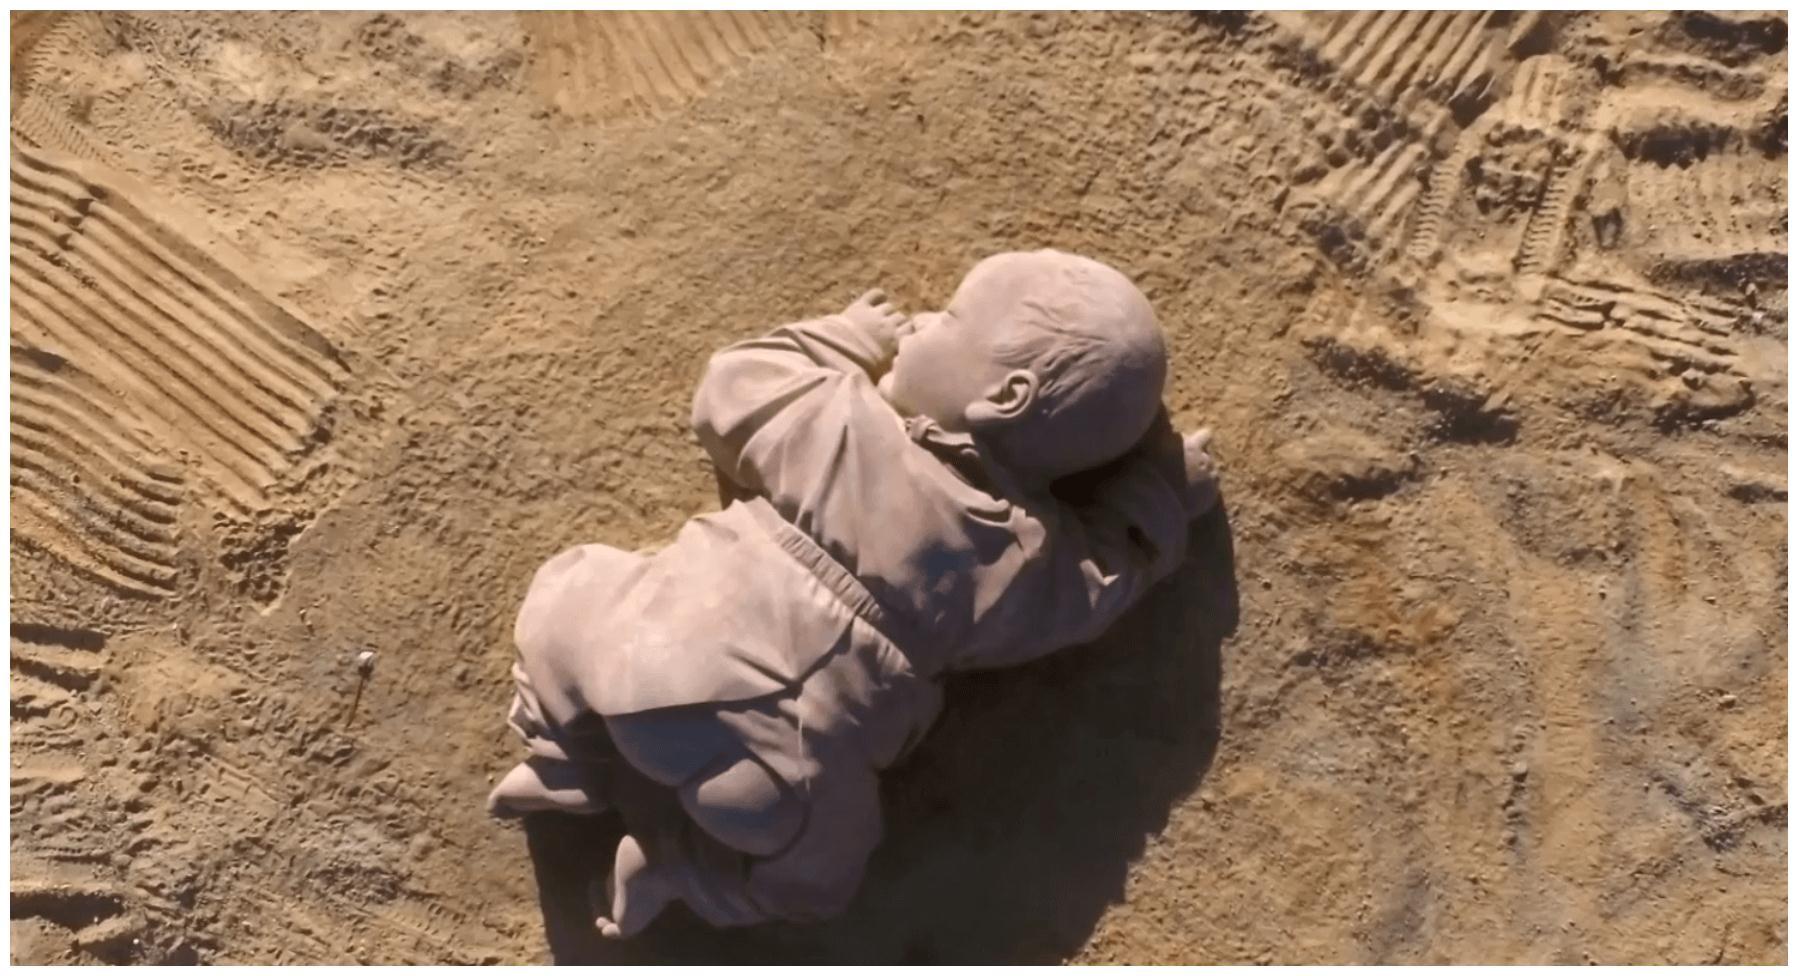 """甘肃沙漠躺着一个""""巨婴"""",已经熟睡了一年多,游客看后很心疼"""